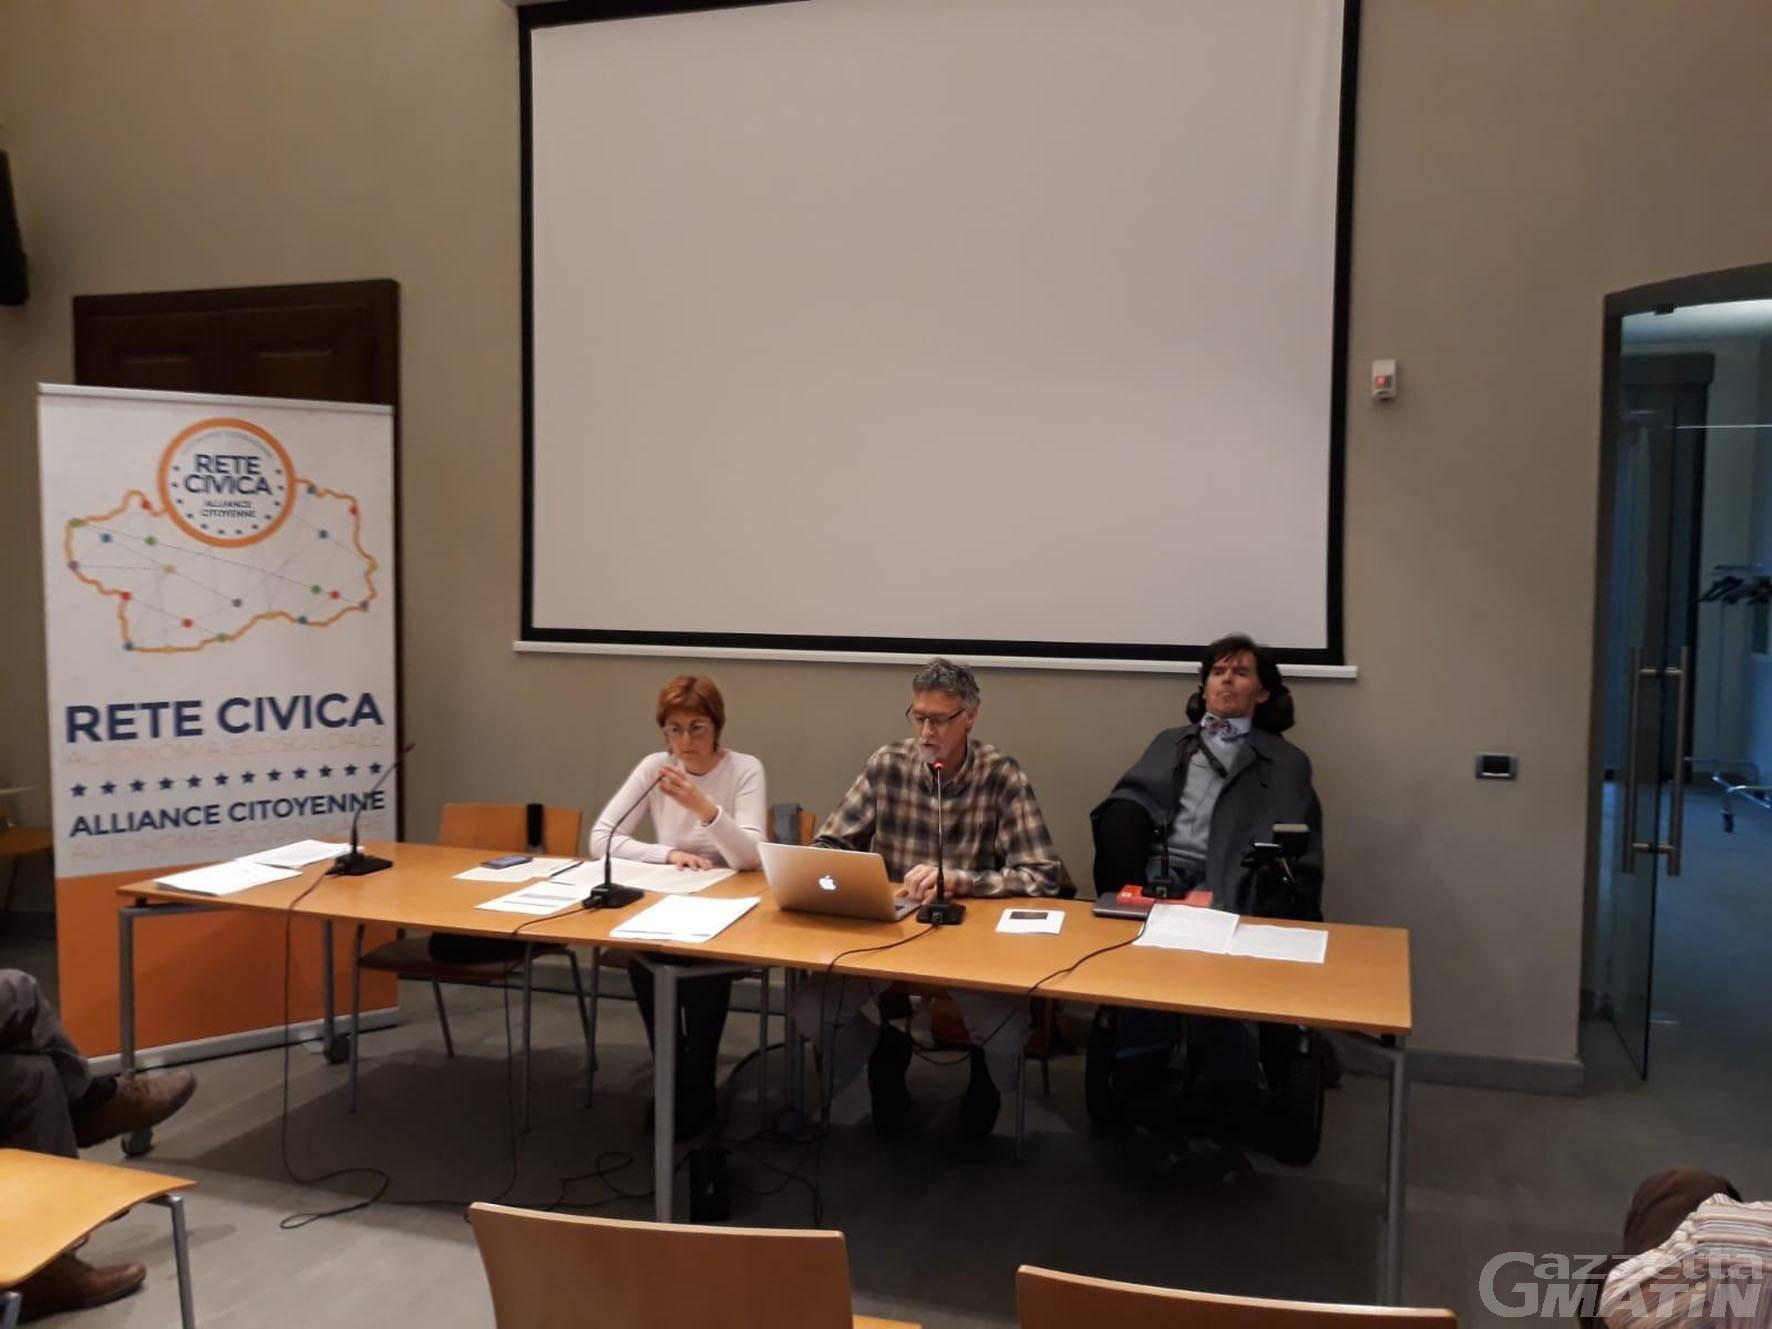 Rete civica: via Rollandin dalla vicepresidenza del Consiglio